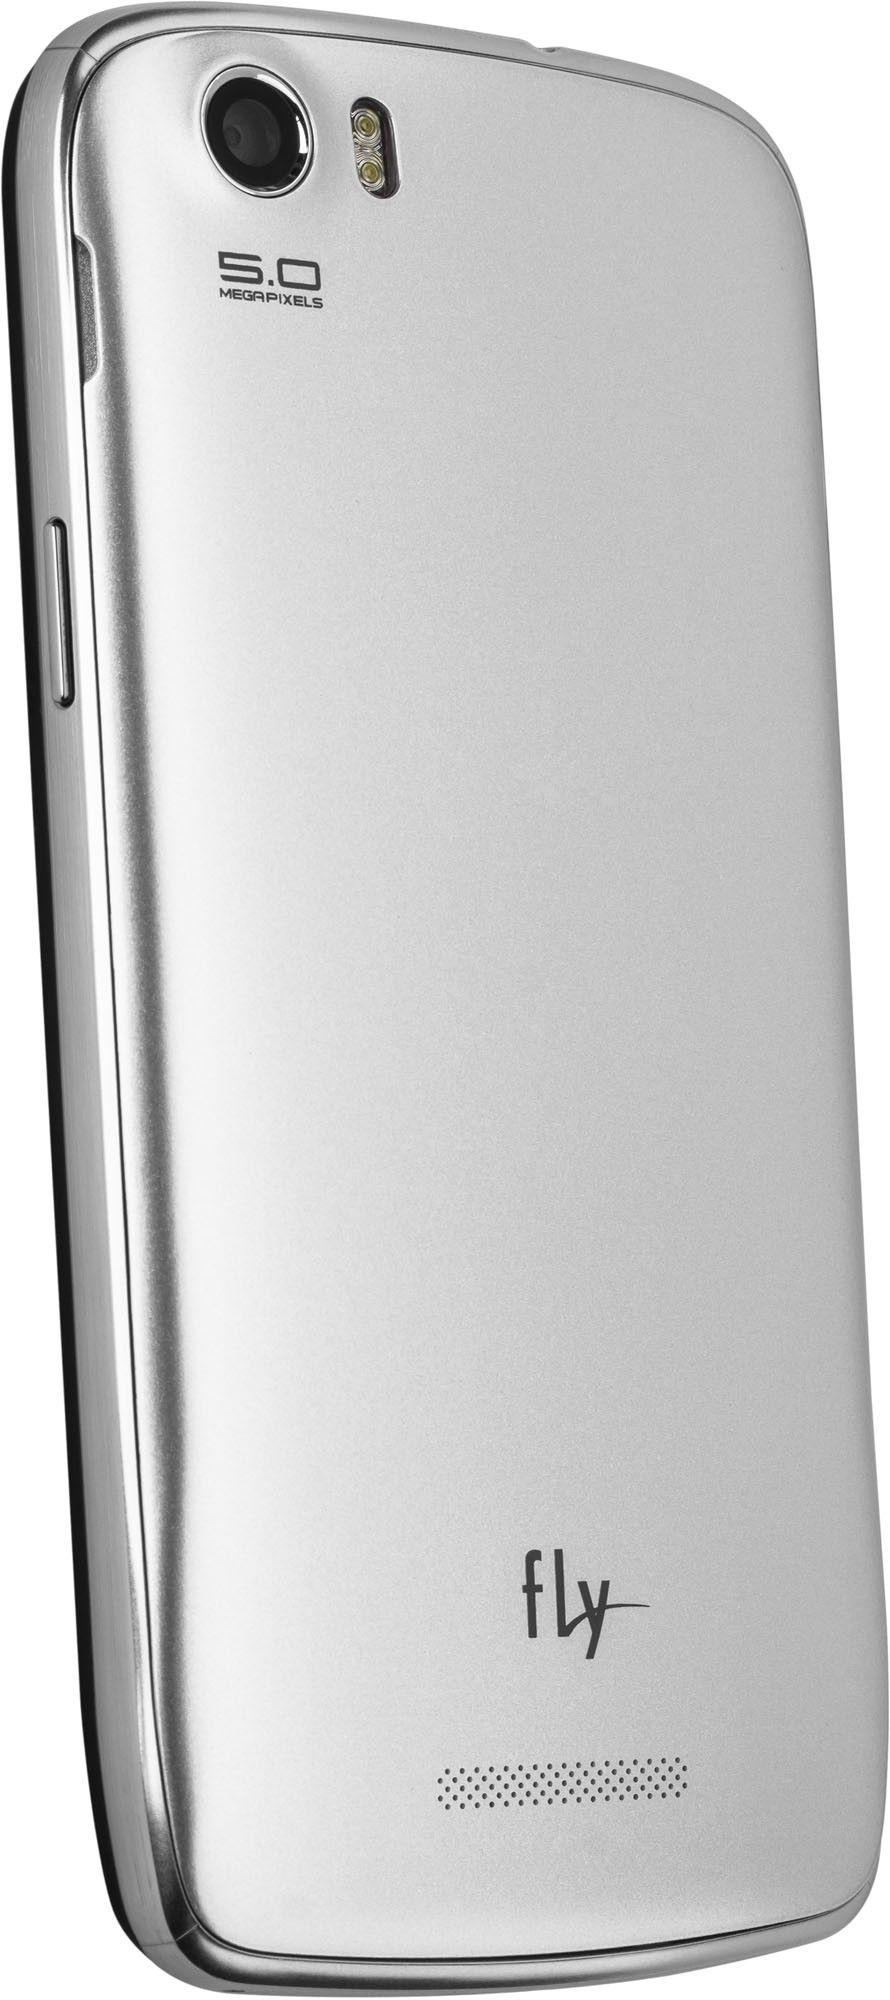 Мобильный телефон Fly IQ4405 Quad Evo Chic Silver - 1